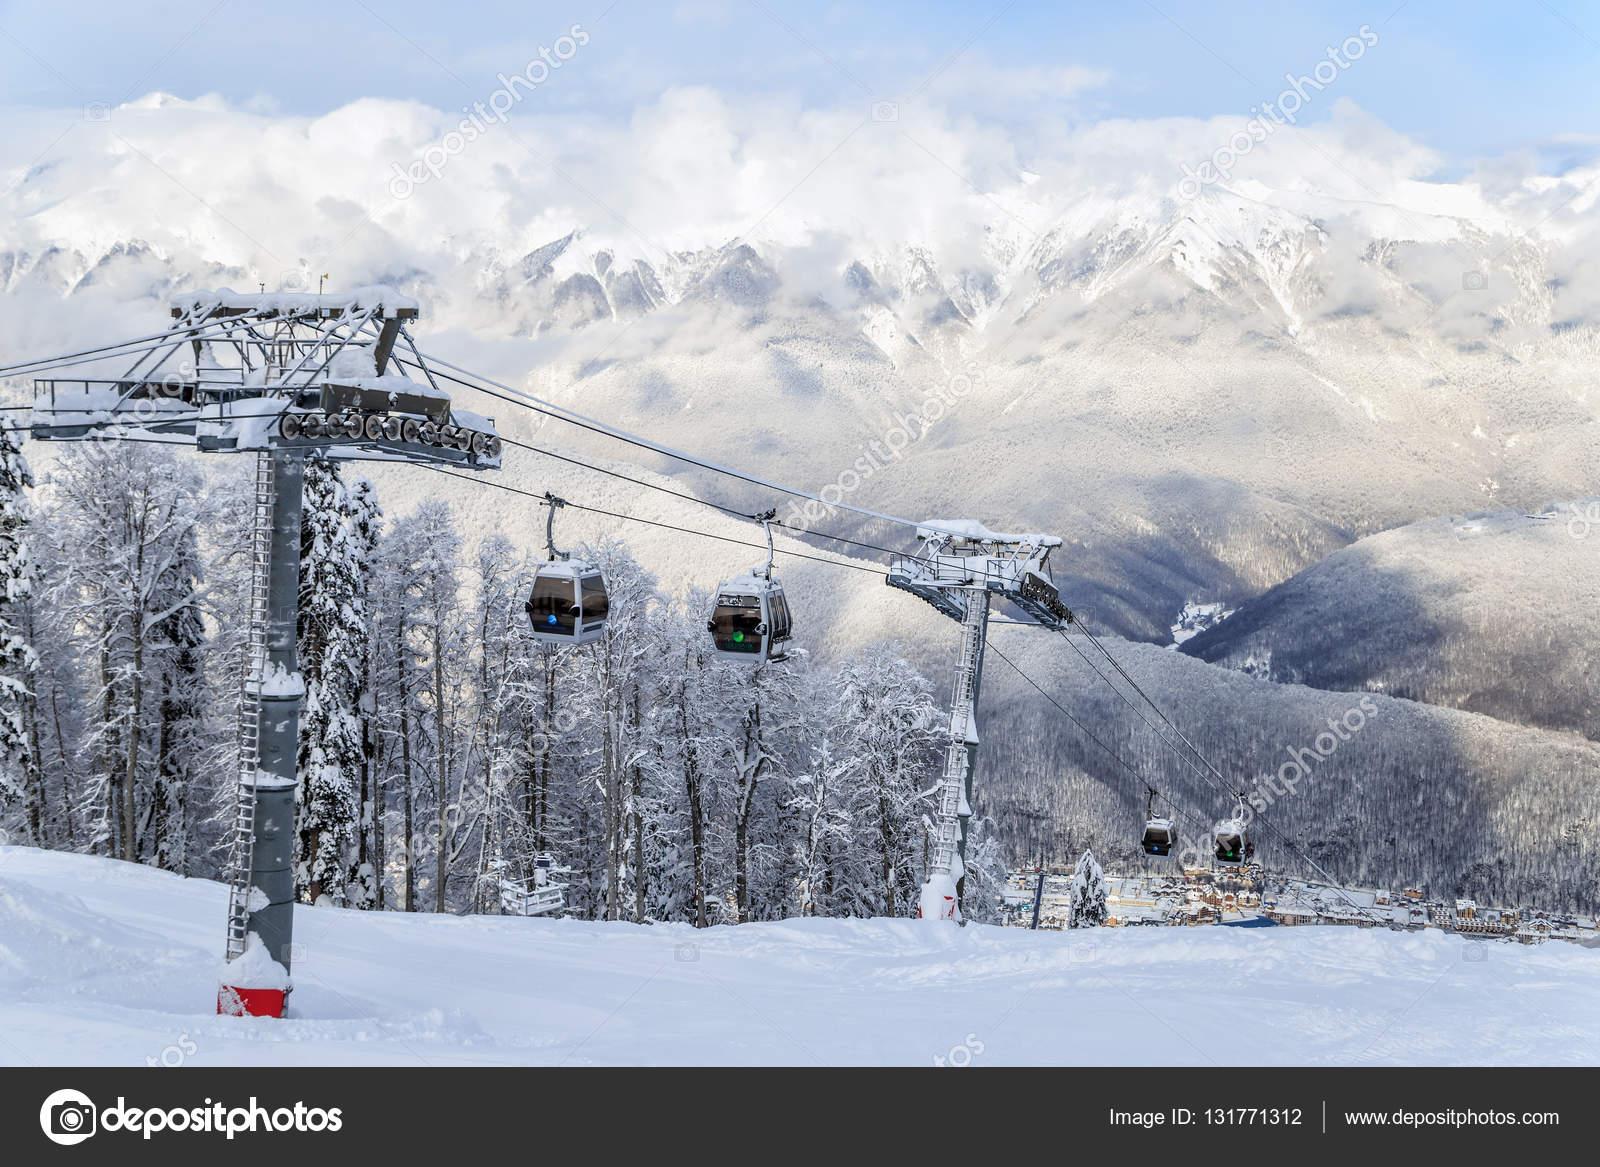 Cabine di risalita funivia sulla montagna nevosa sfondo for Cabine vicino montagna di sangue